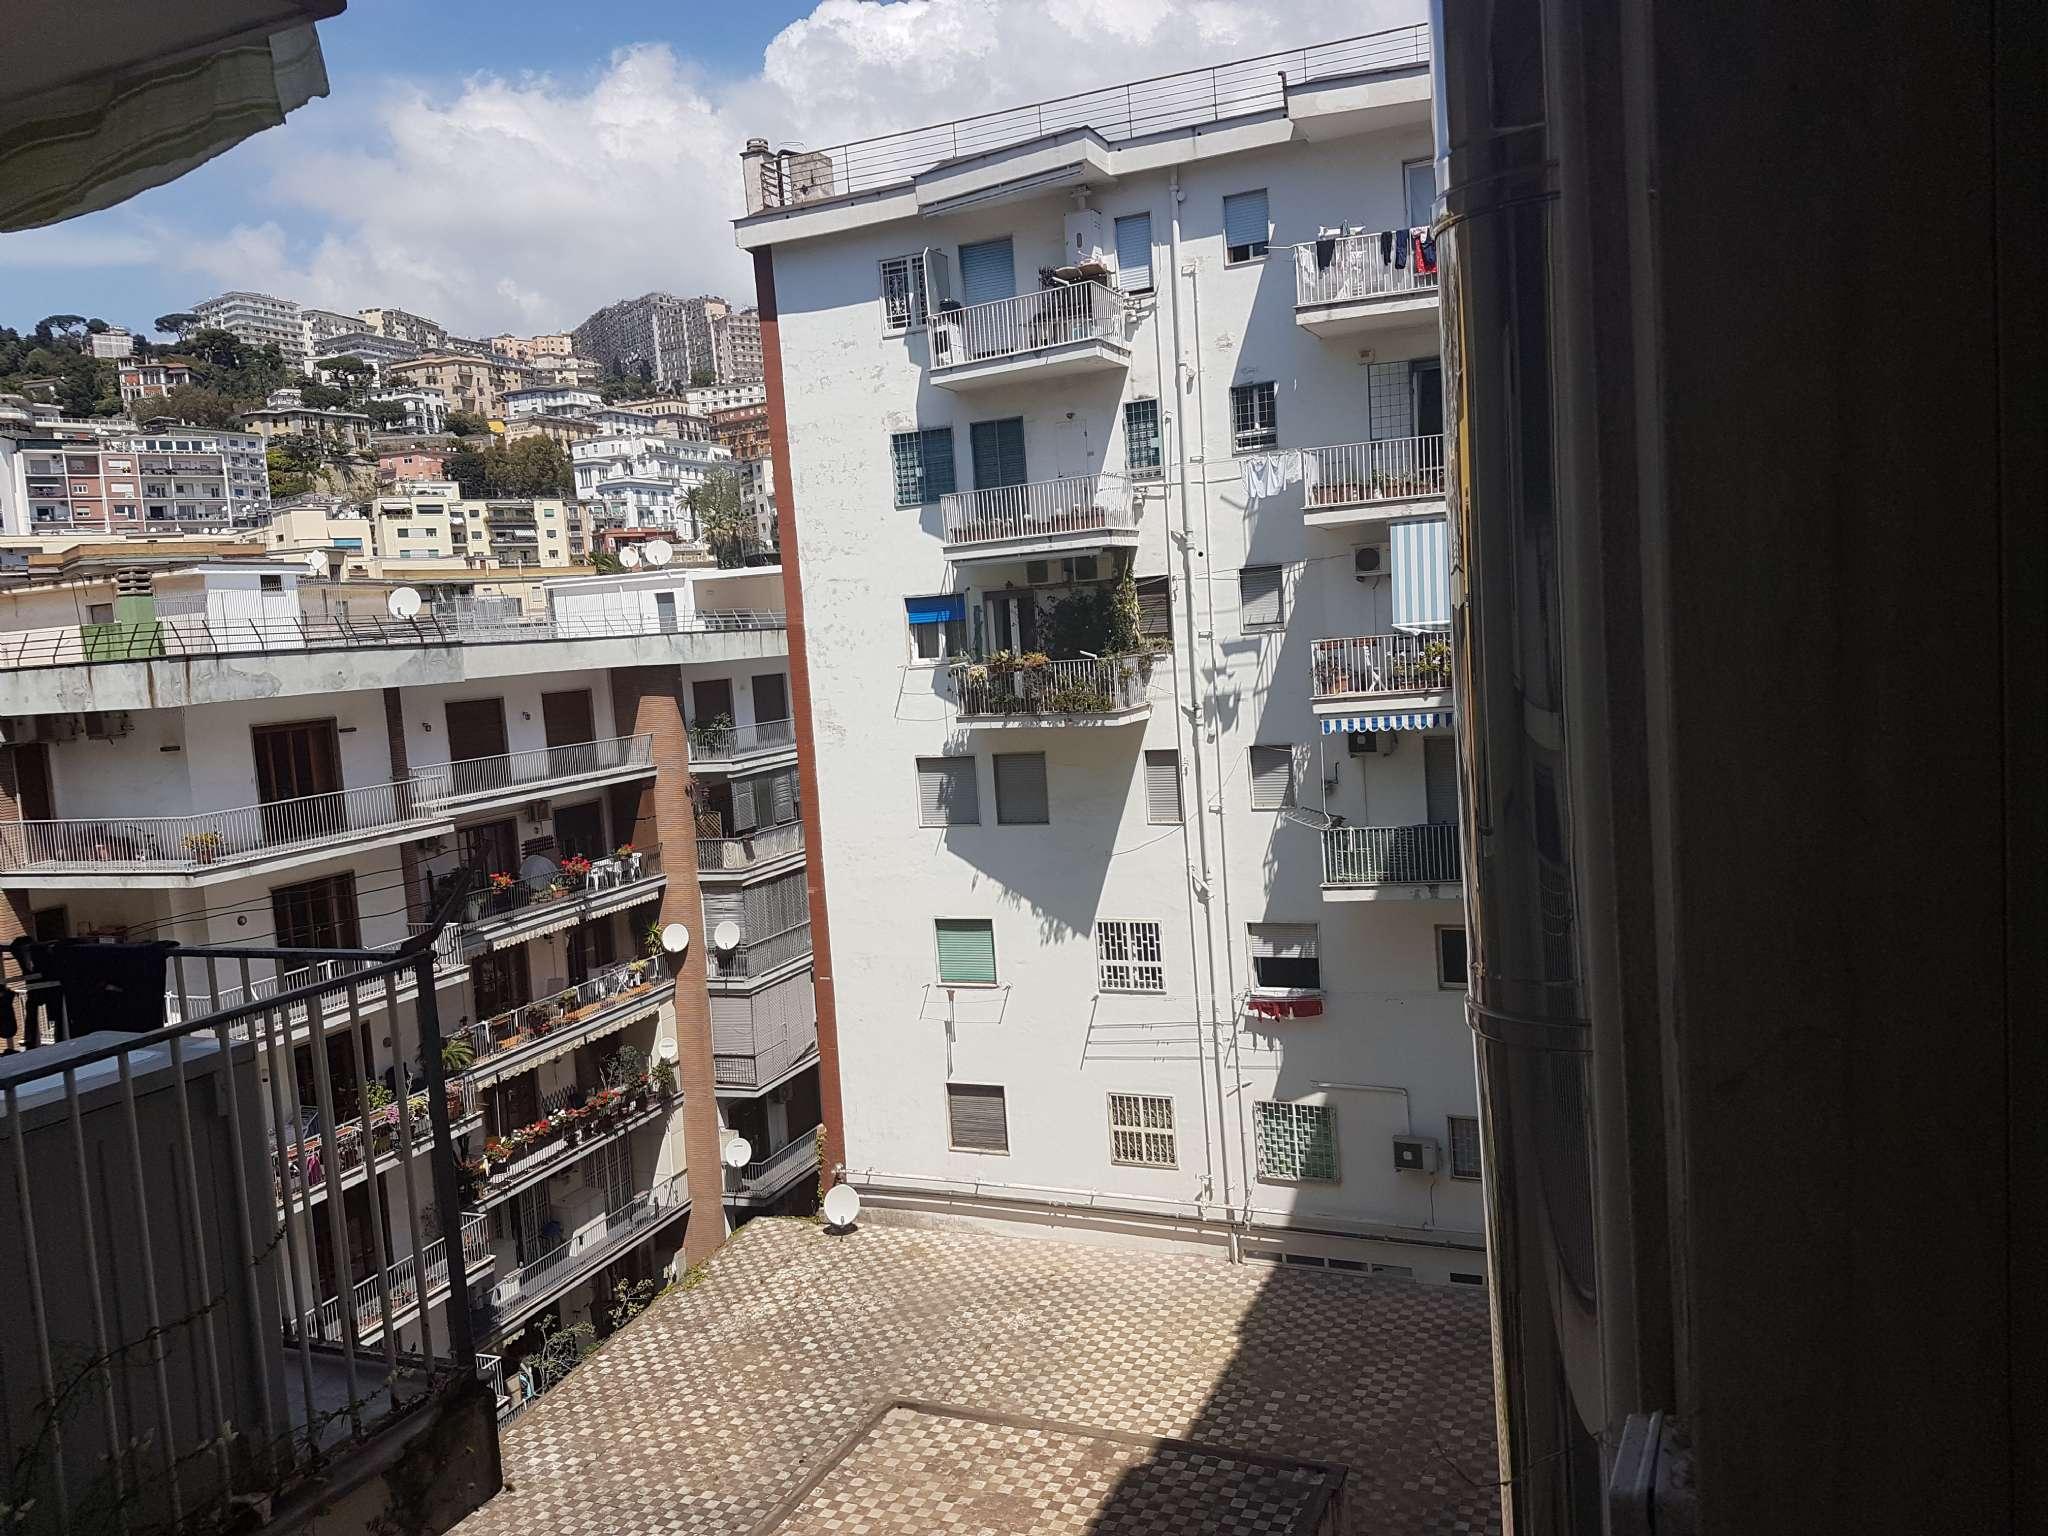 Appartamento in affitto a Napoli, 1 locali, zona Zona: 1 . Chiaia, Posillipo, San Ferdinando, prezzo € 550 | CambioCasa.it